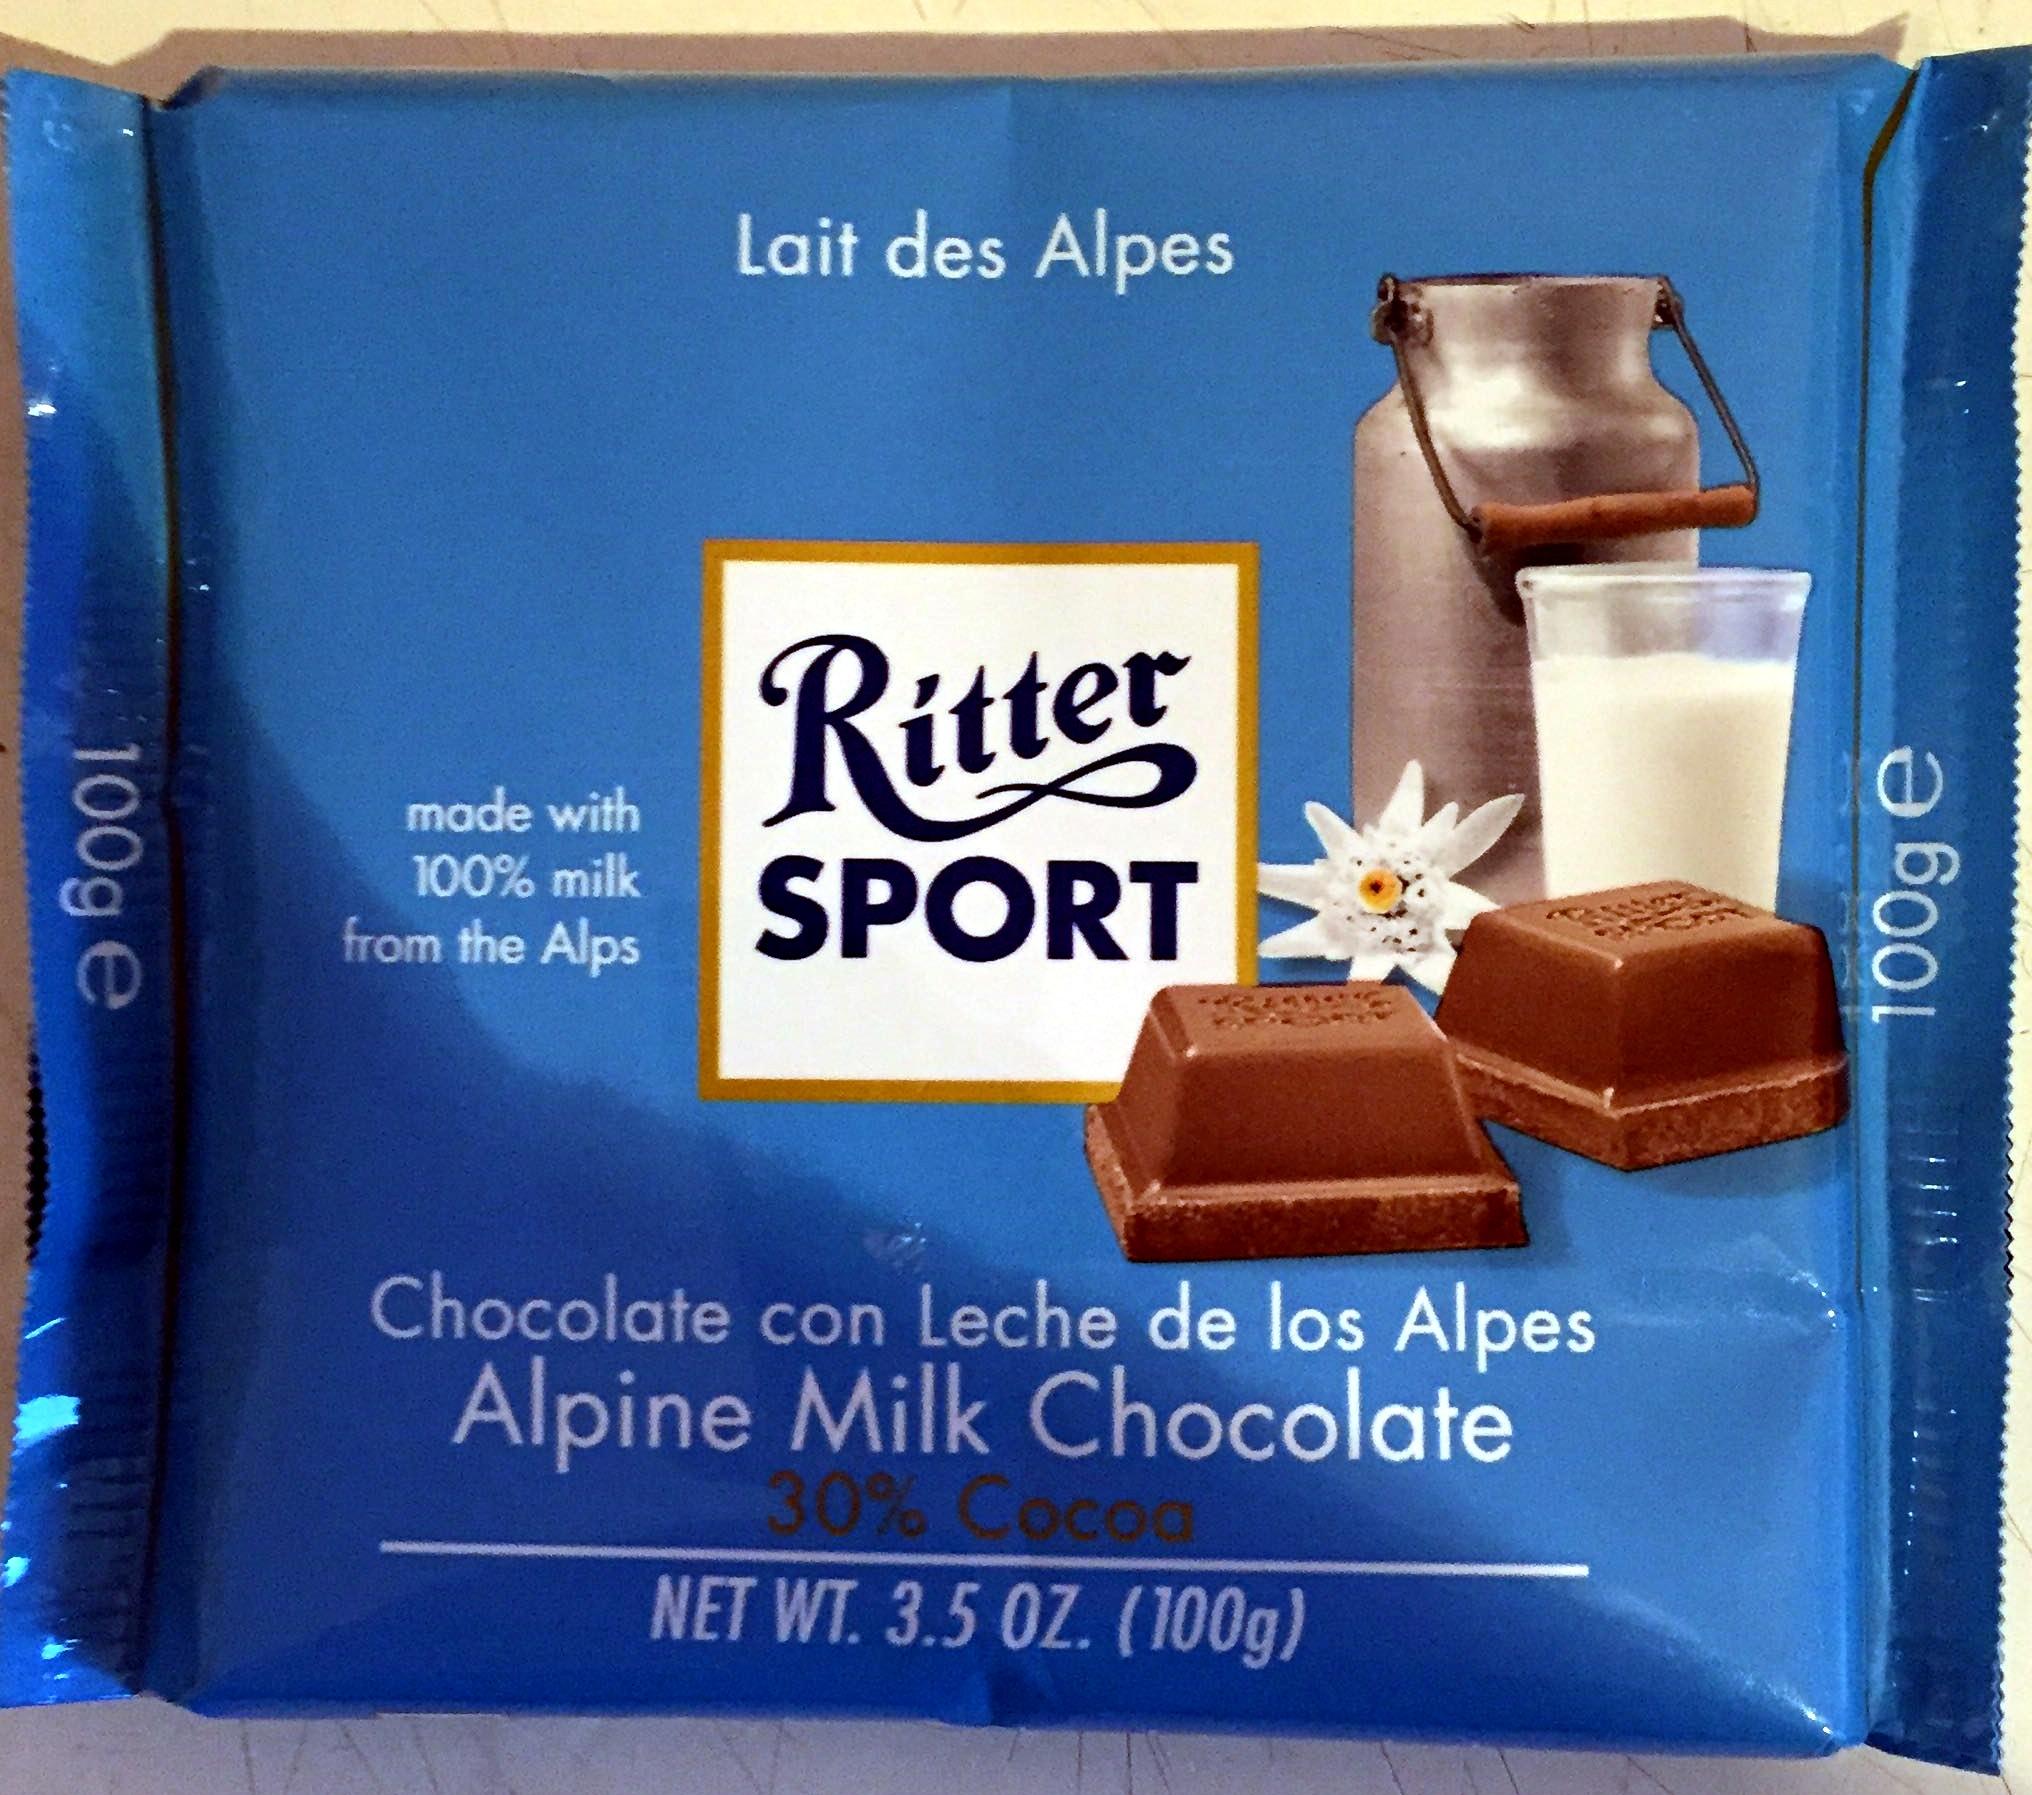 Ritter Sport Chocolat supérieur au lait des Alpes - Product